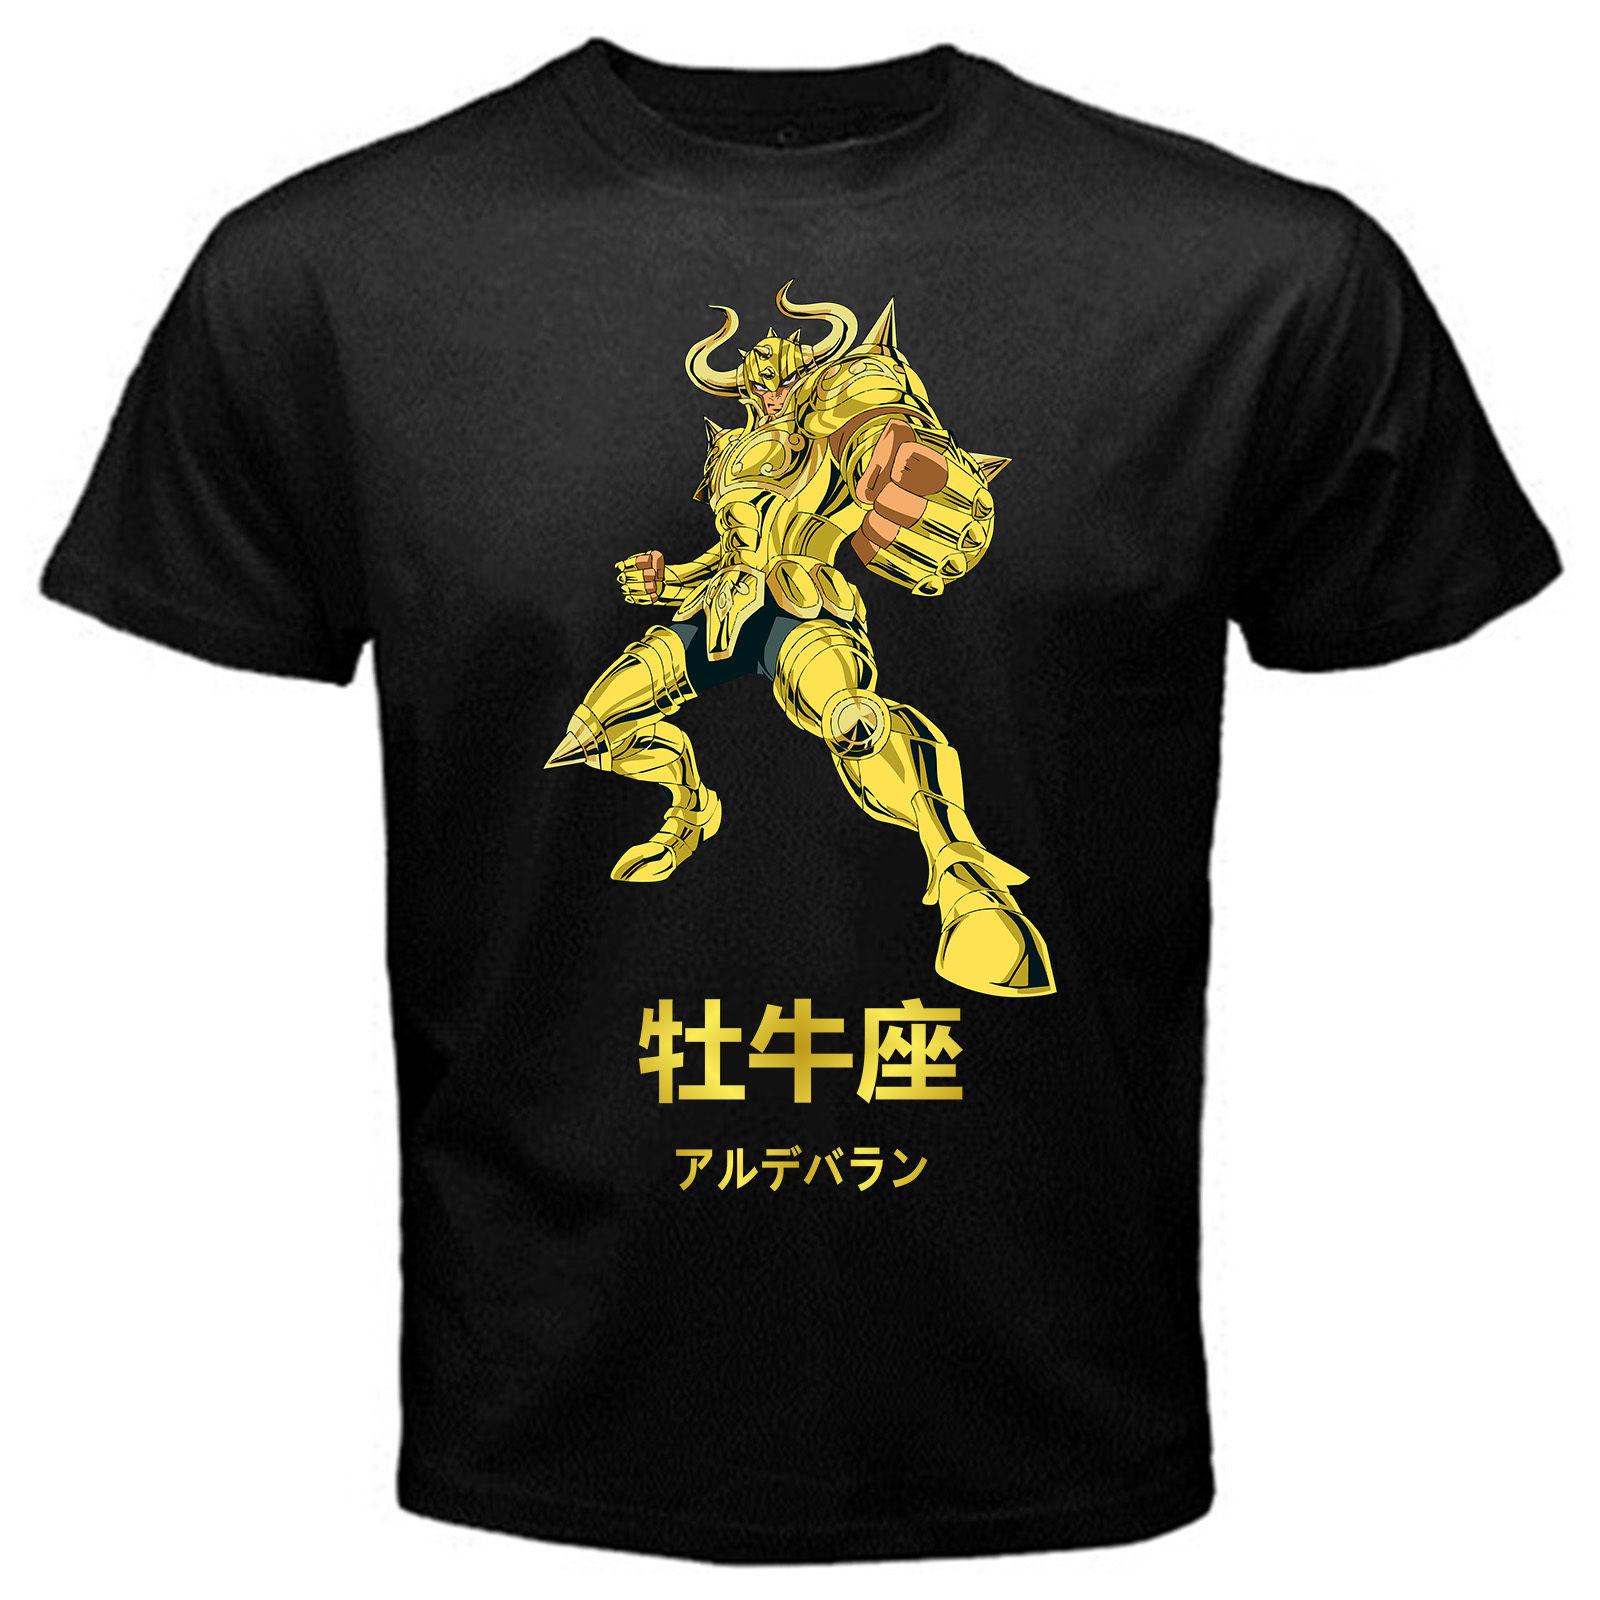 Saint Seiya Taurus 3 Anime Manga Serie Japan T-shirt Schwarz Basic ...